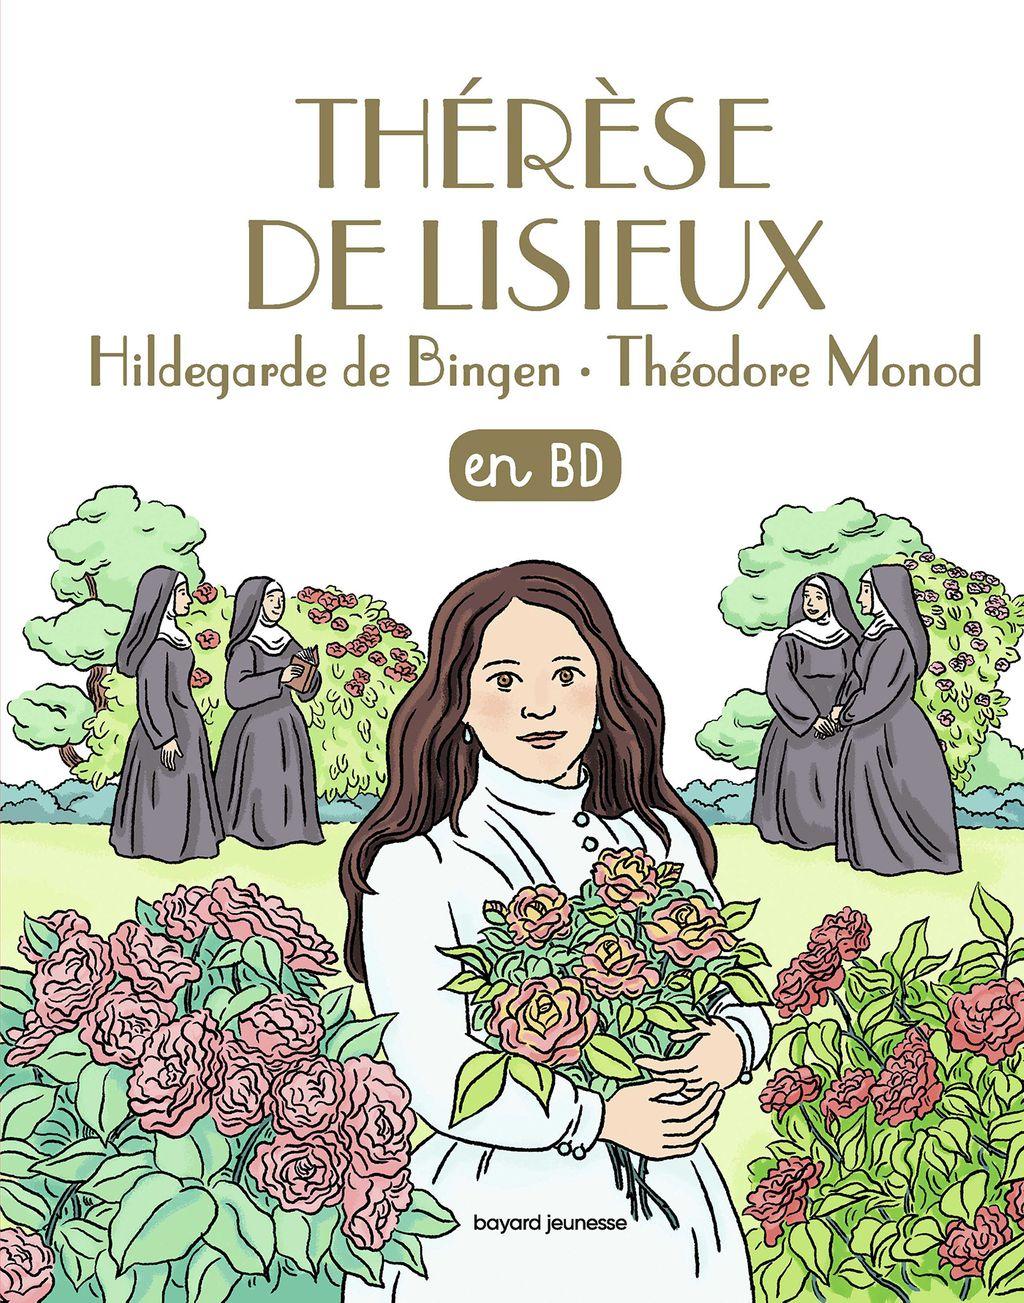 Couverture de «Thérèse de Lisieux, Hildegarde de Bingen, Théodore Monod, en BD»